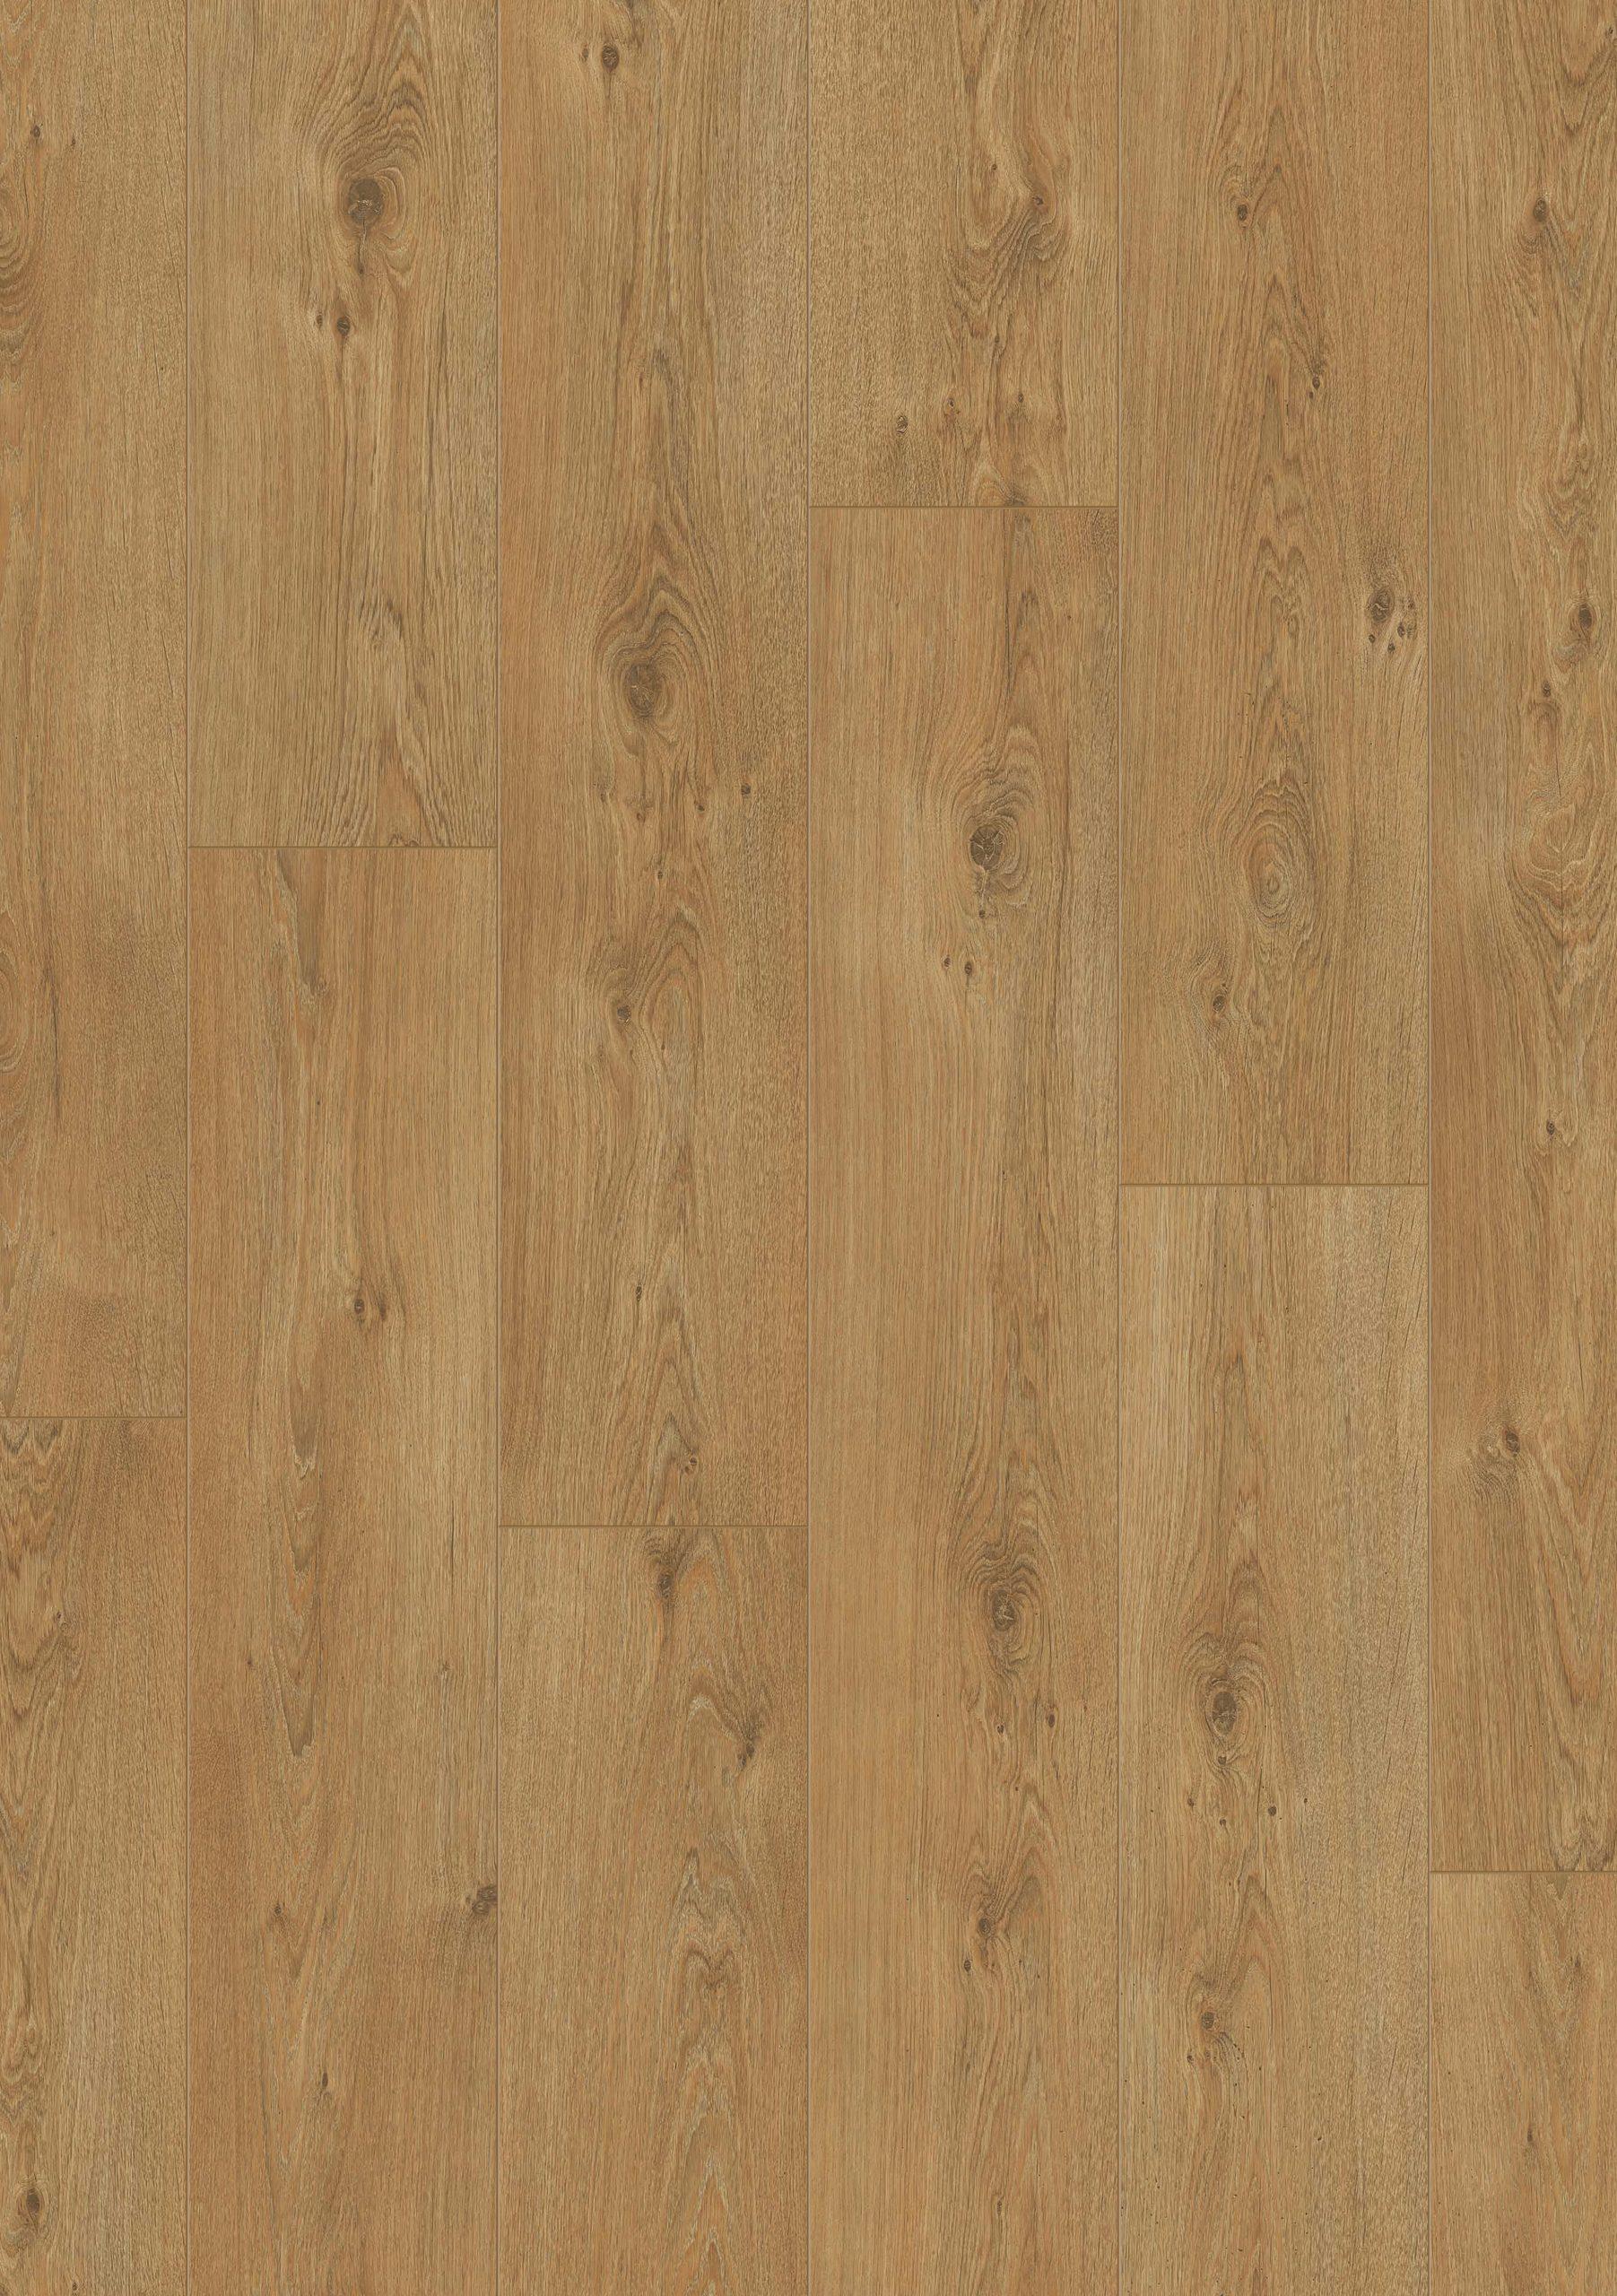 Afbeelding van vloersoort Balmoral XL V2 Oostende 5300